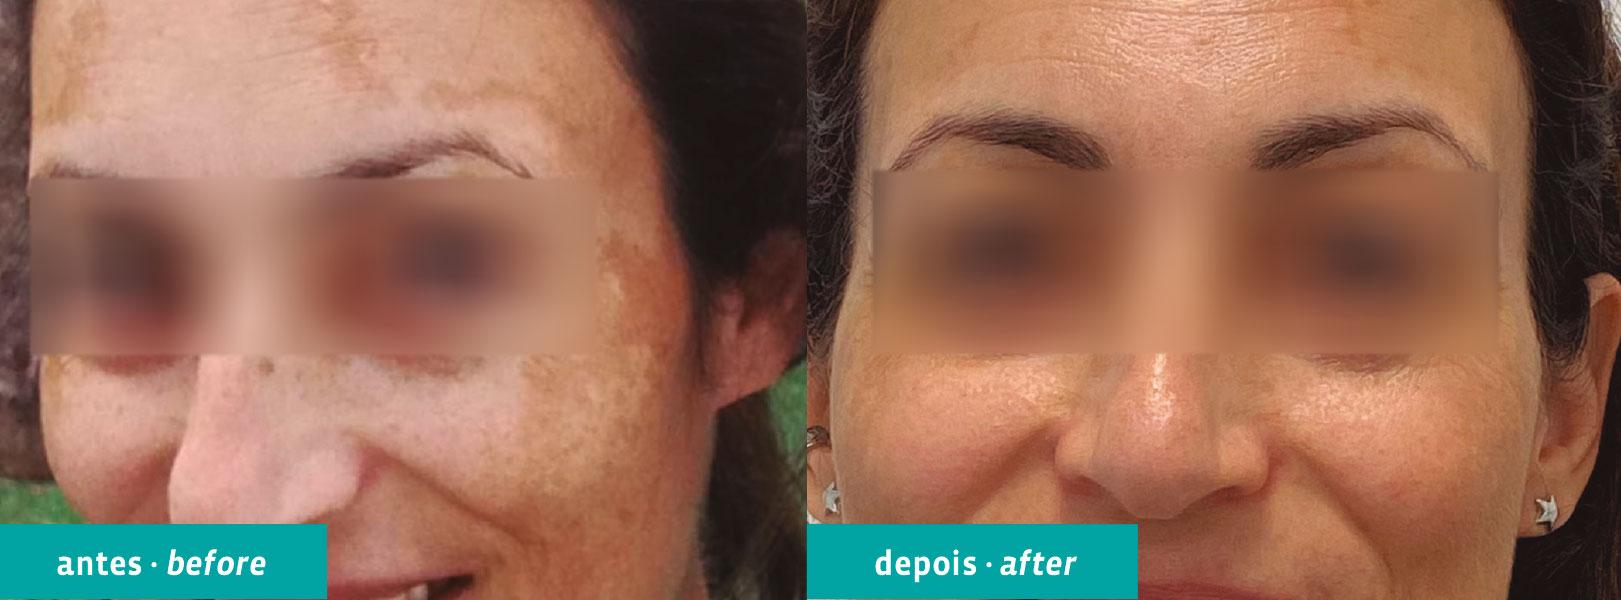 Tecnologia laser de última geração em dermatologia